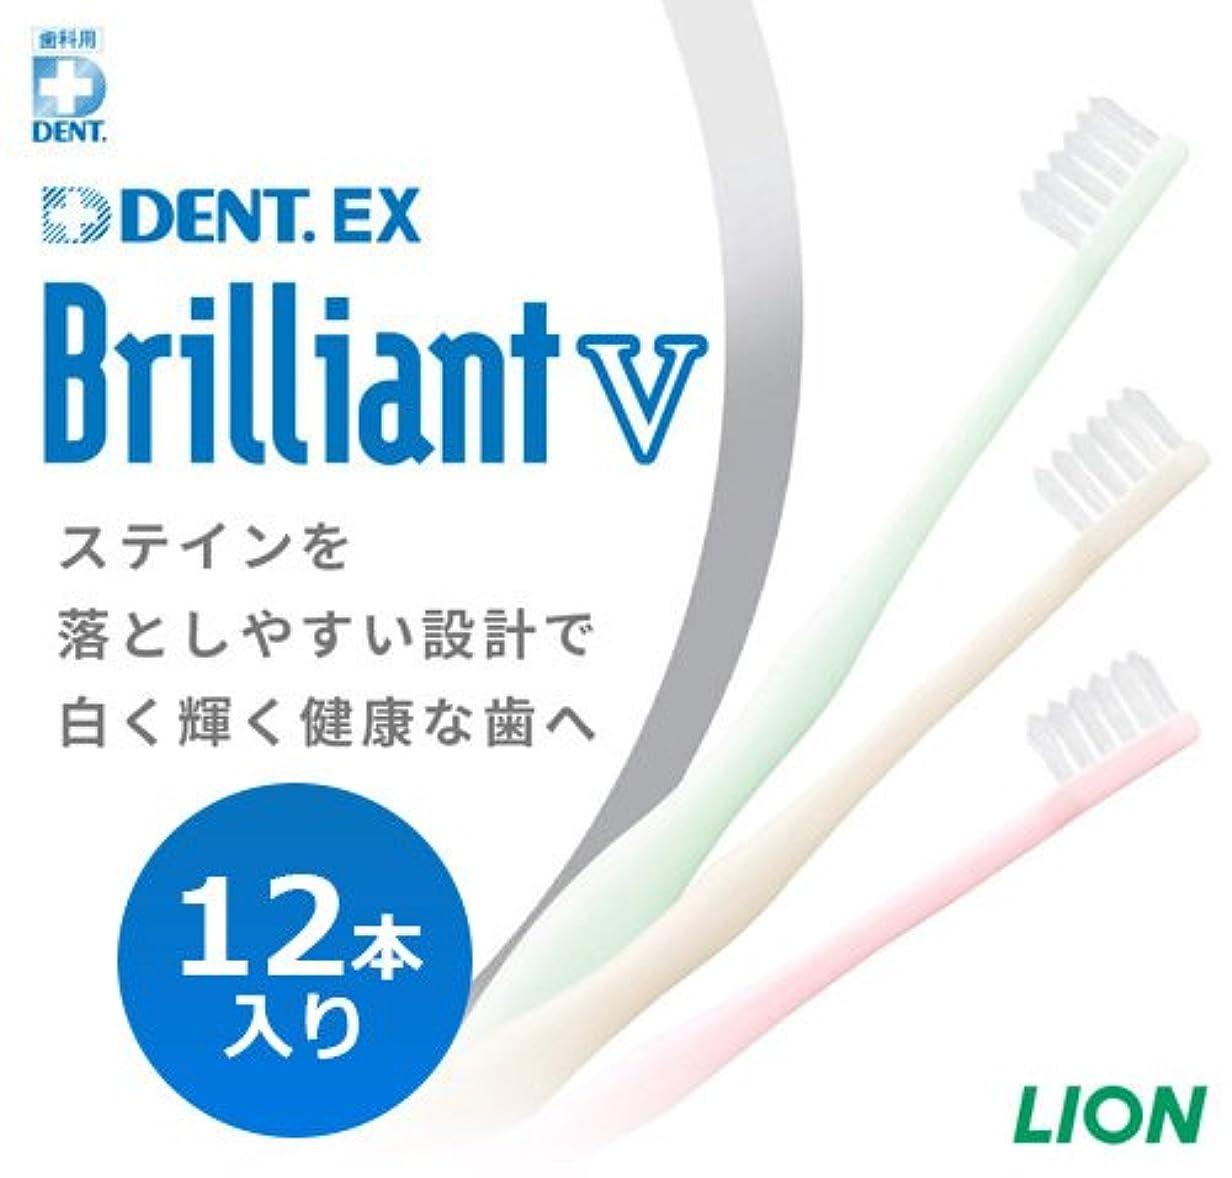 防腐剤デマンド強化ライオン DENT.EX ブリリアント V 歯ブラシ 12本